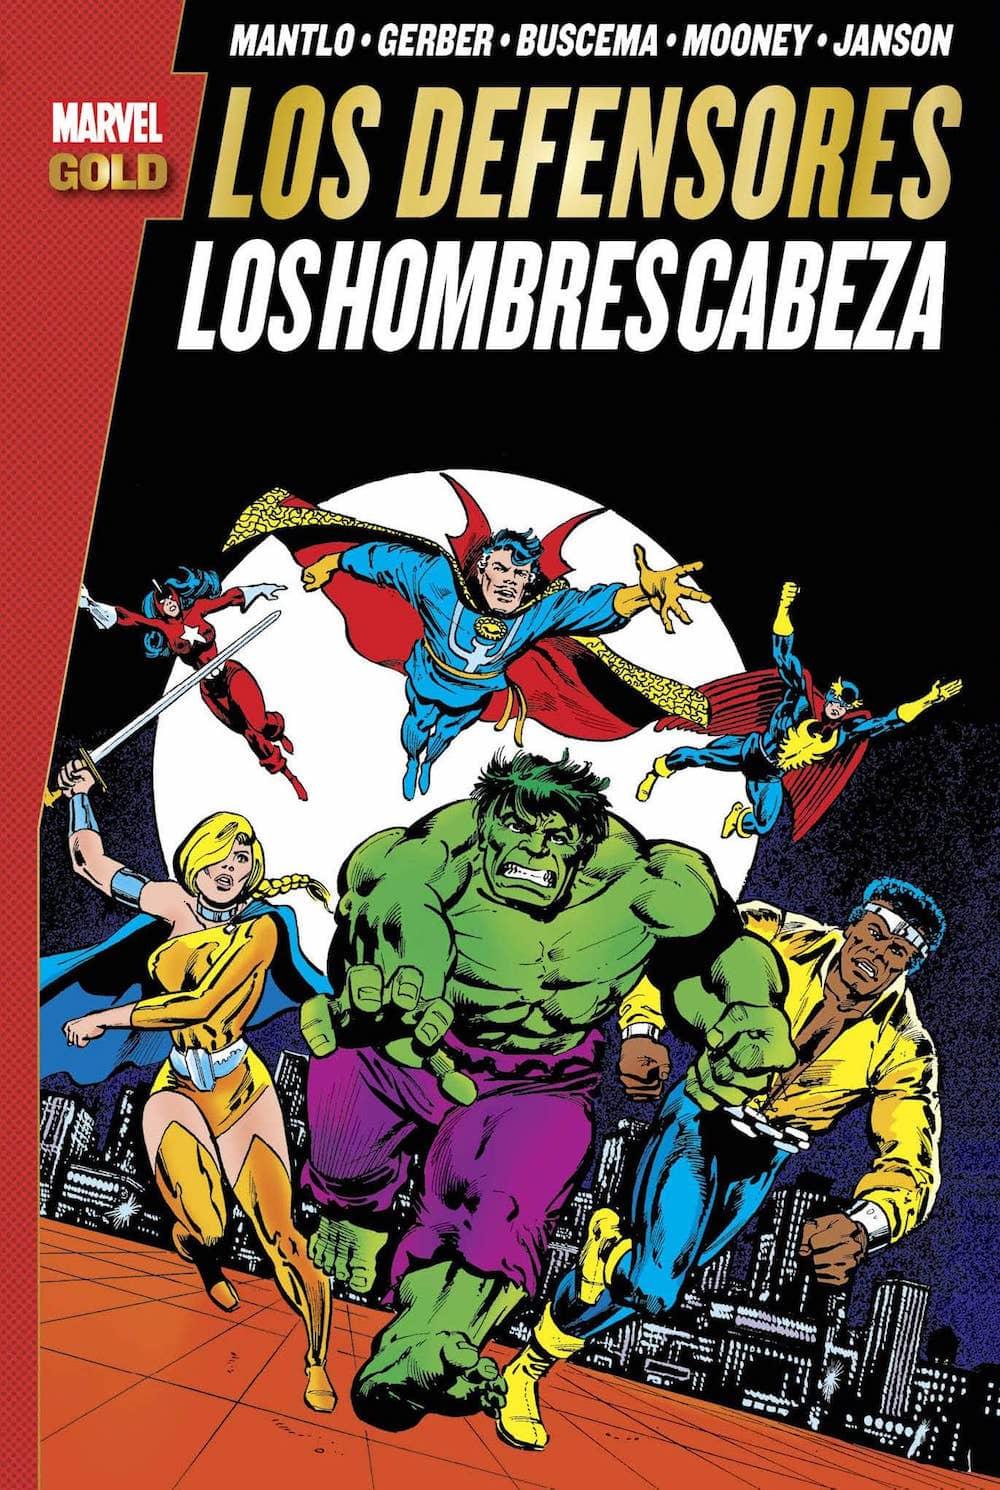 LOS DEFENSORES: LOS HOMBRES CABEZA   (MARVEL GOLD)